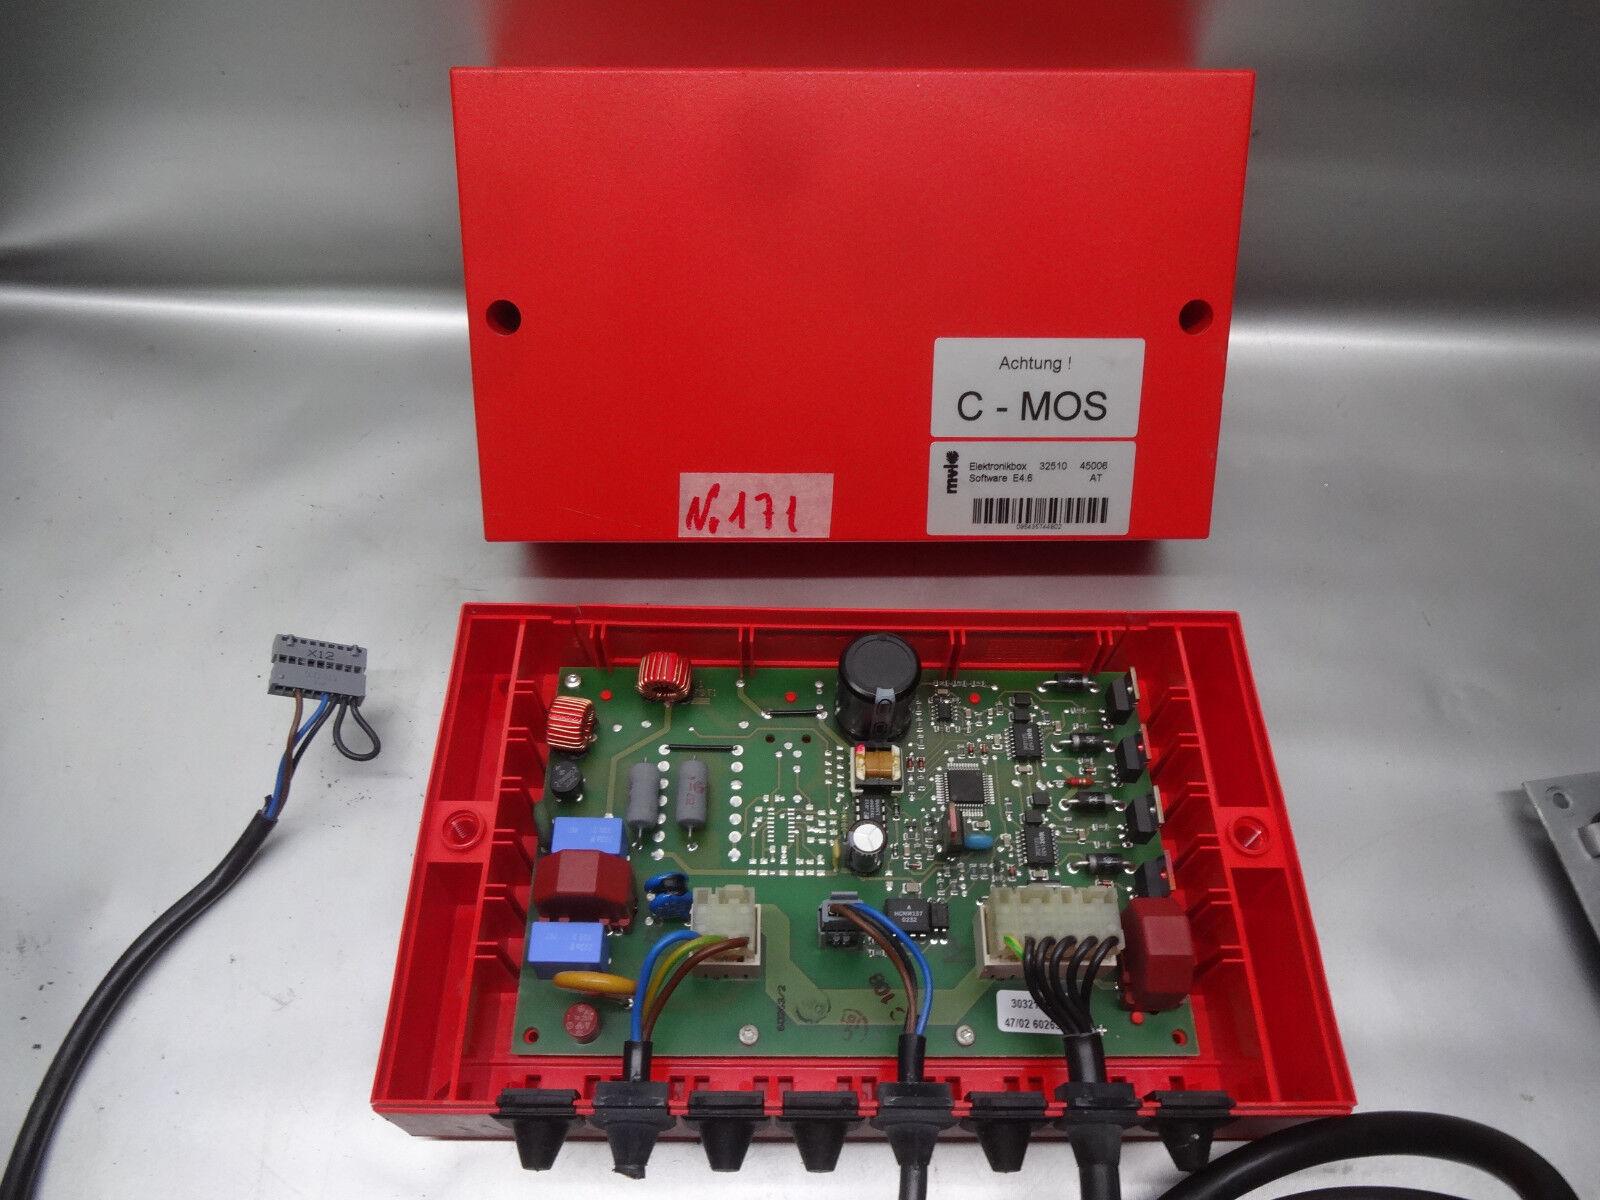 Viessmann / MVL MVL MVL Elektronikbox RLS154 - C-MOS Software E4.6 32510 45006  171 9ff18e